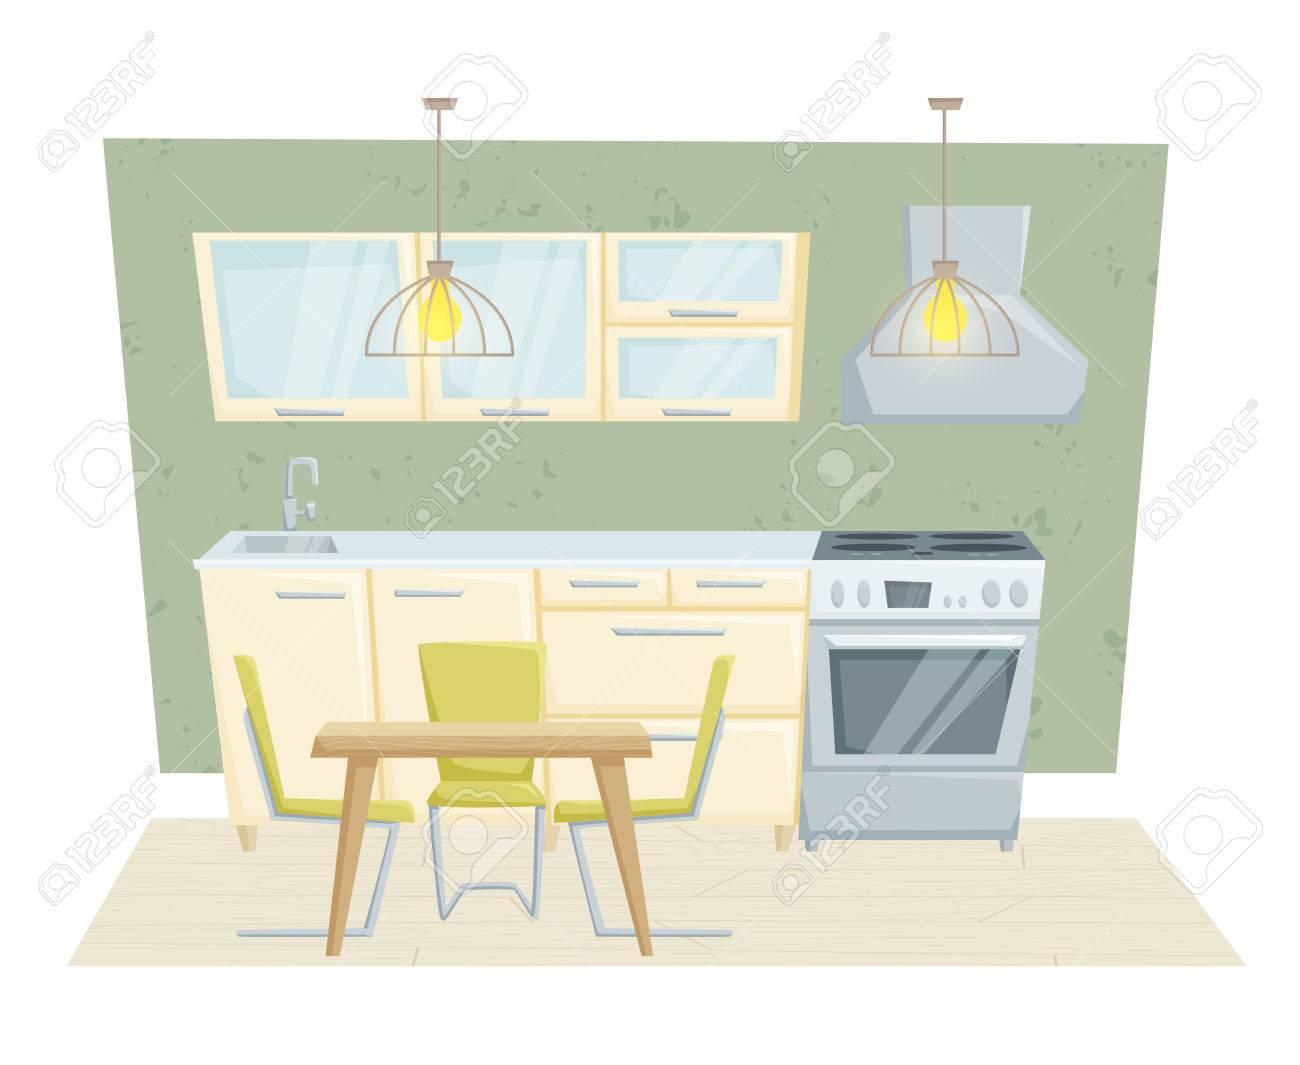 Entre cocina con muebles y la decoración en estilo moderno. Cocina  ilustración vectorial de dibujos animados entre otras. Muebles de cocina:  mesa, ...